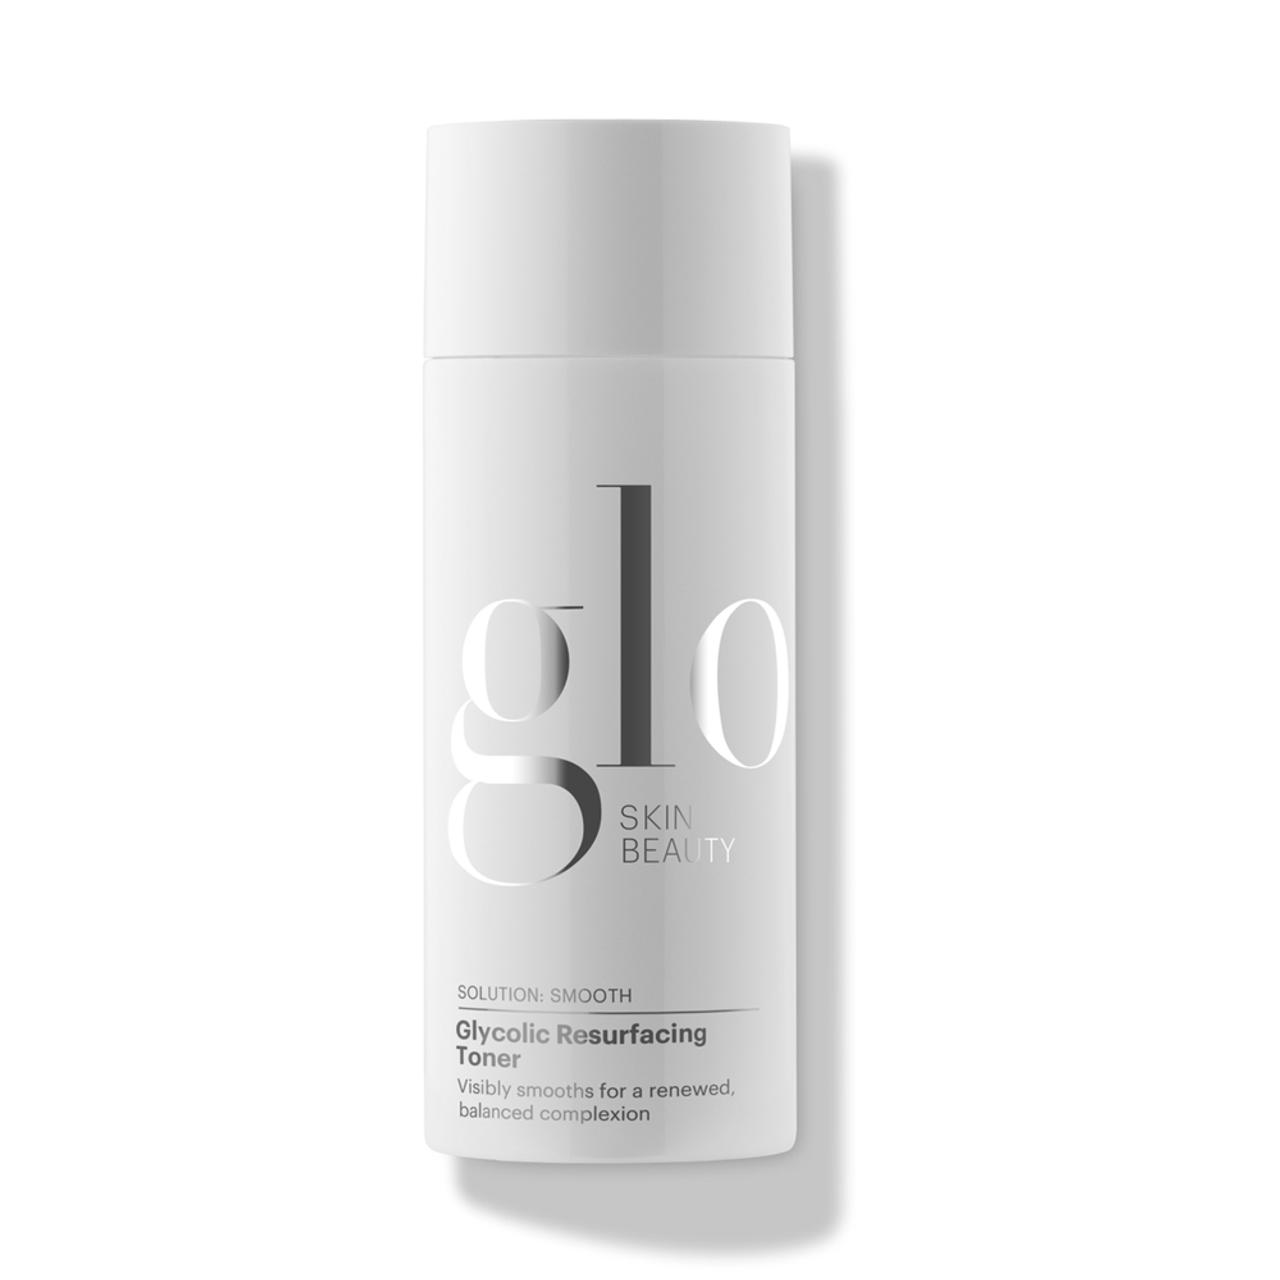 glo Skin Beauty Glycolic Resurfacing Toner